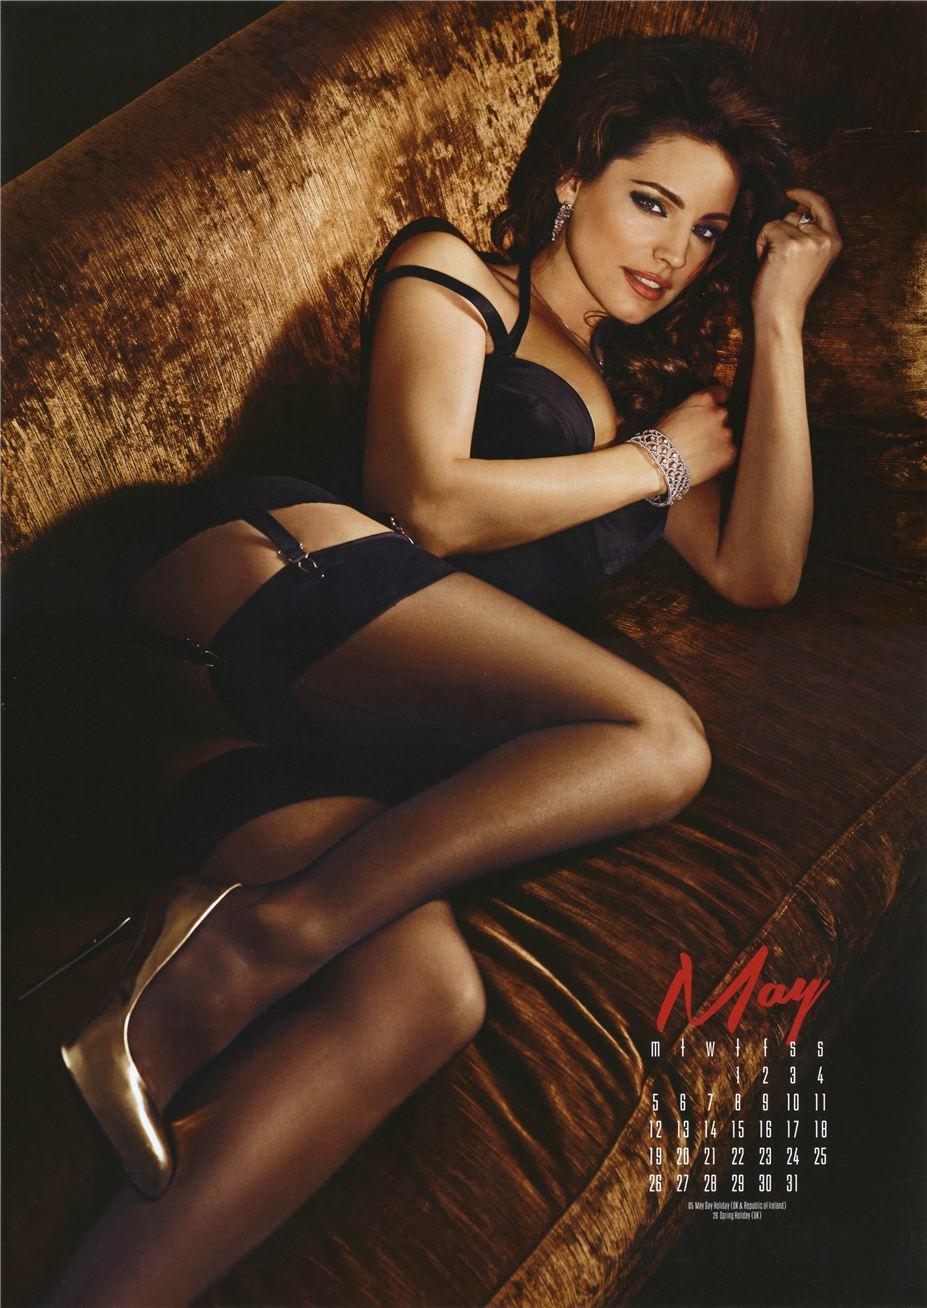 май - Календарь сексуальной красотки, актрисы и модели Келли Брук / Kelly Brook - official calendar 2014